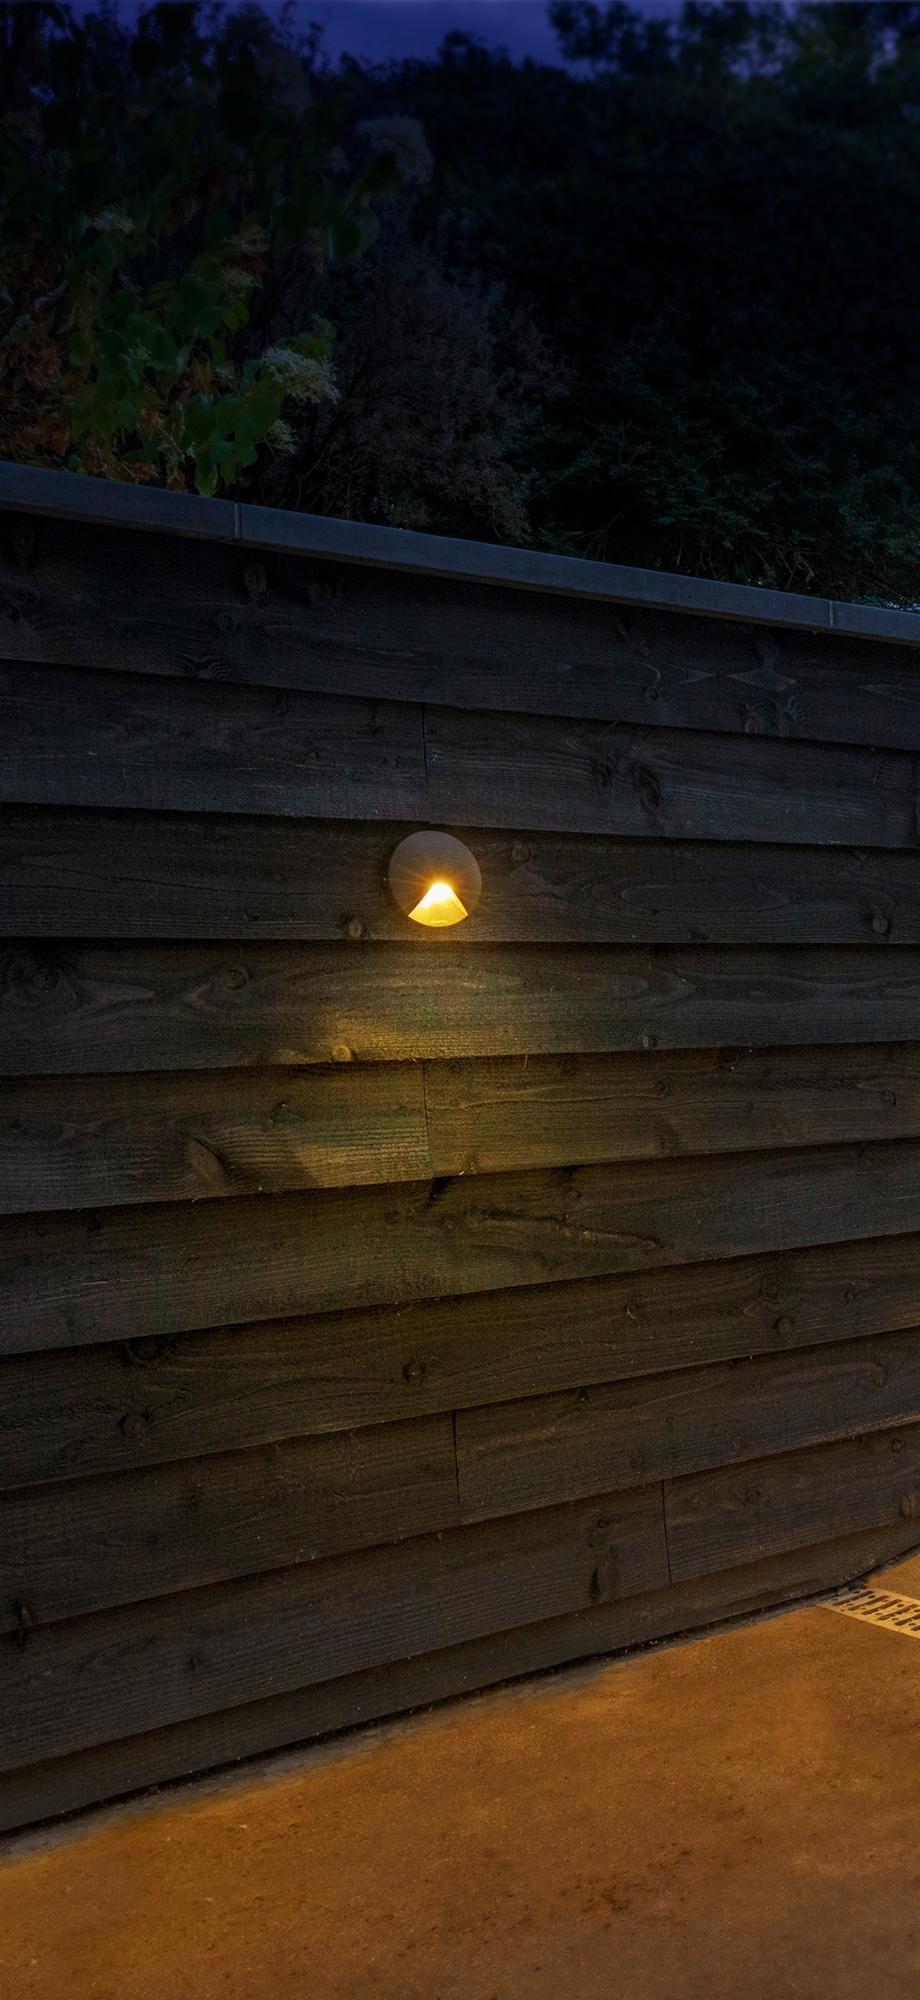 Kuma Wandlamp Lightpro 12 Volt Wandverlichting Wandlamp Tuinverlichting